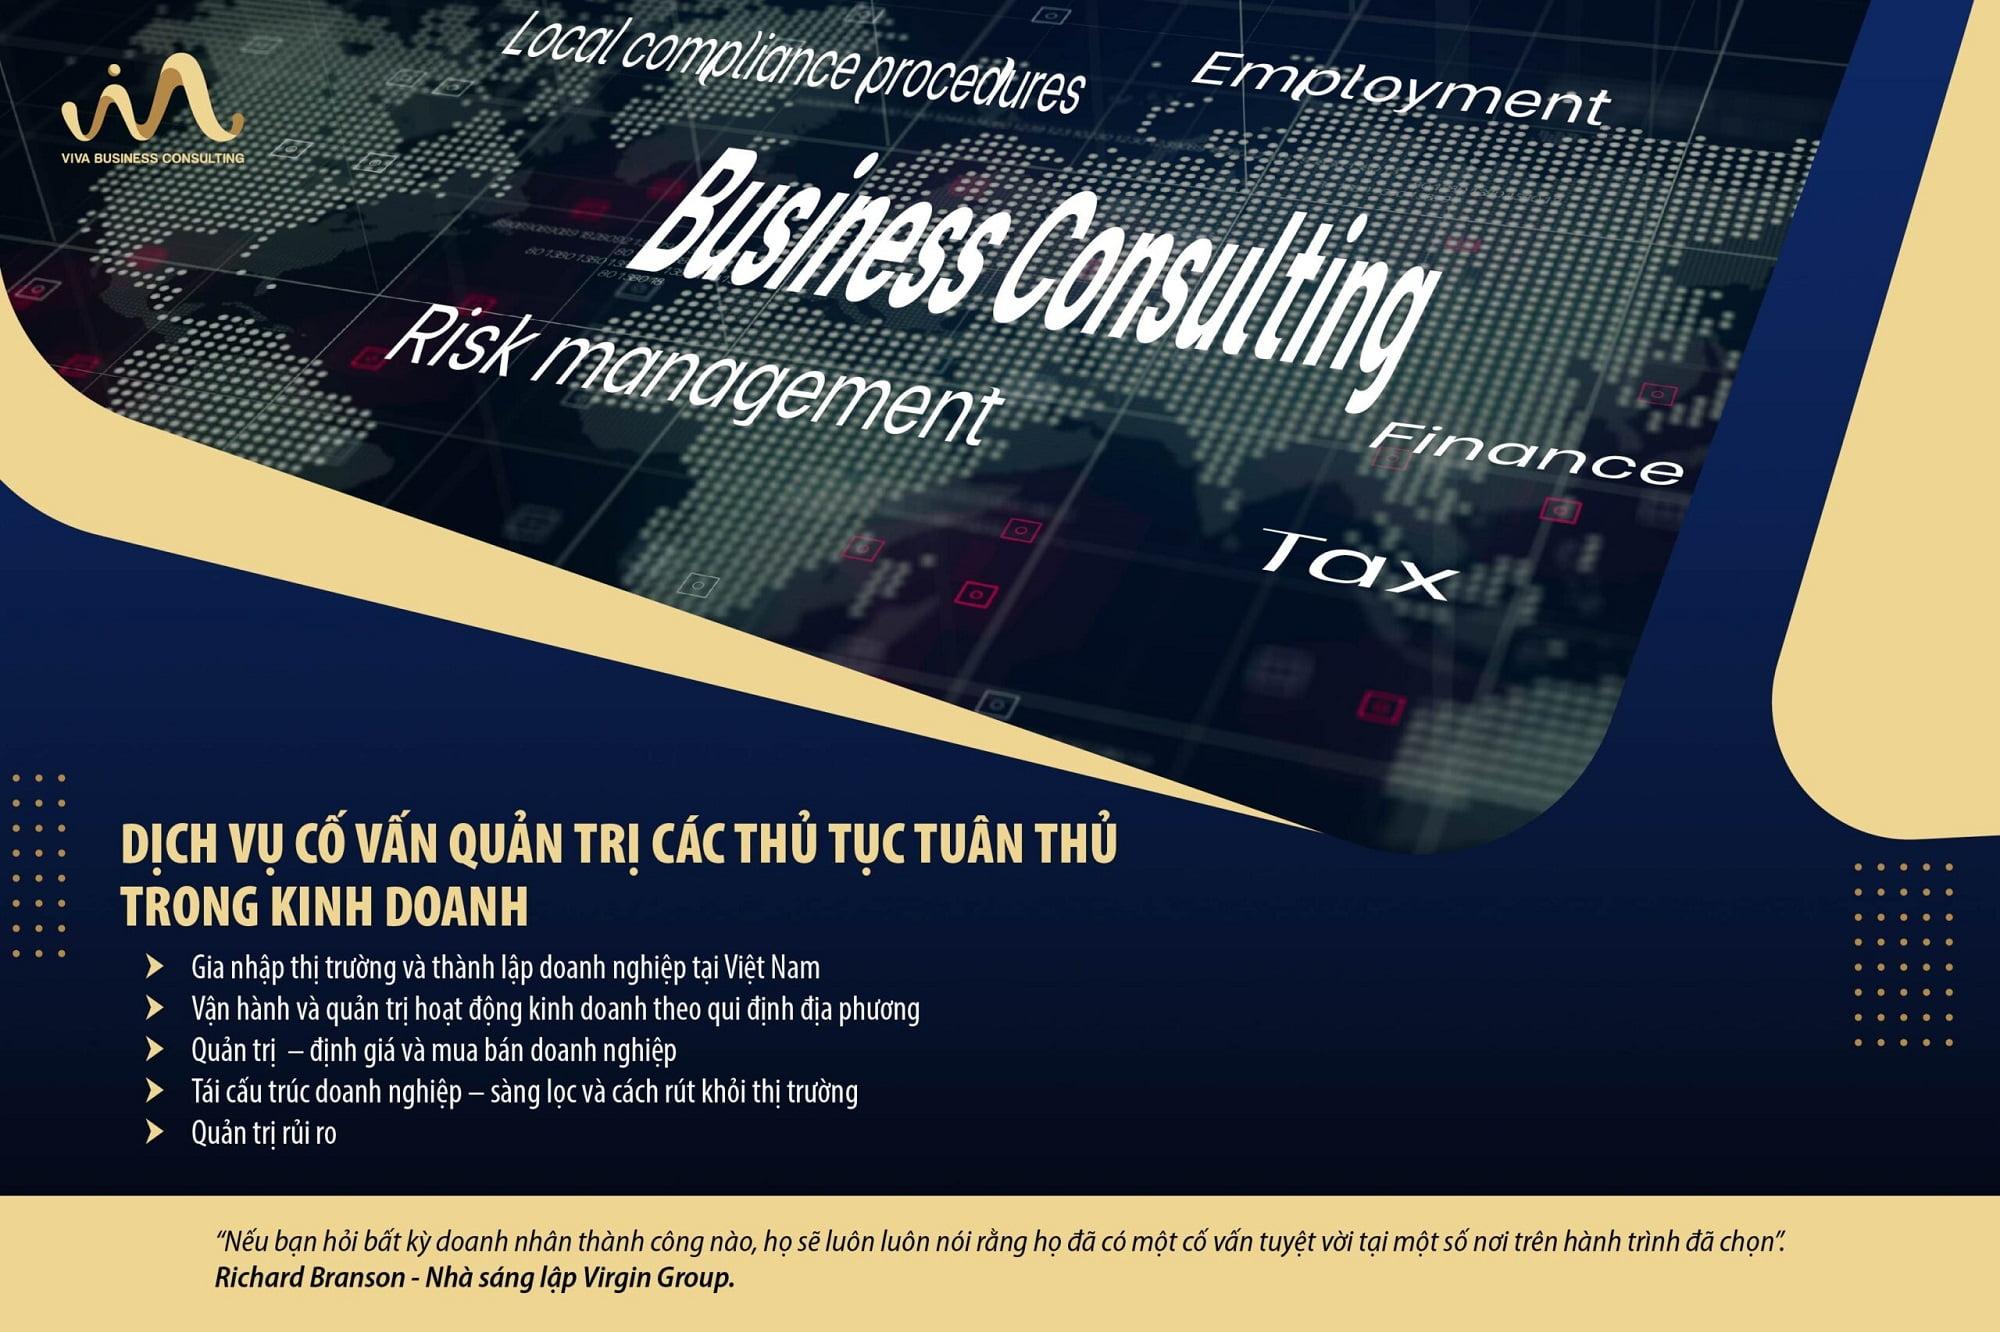 Dịch vụ cố vấn quản trị các thủ tục tuân thủ trong kinh doanh